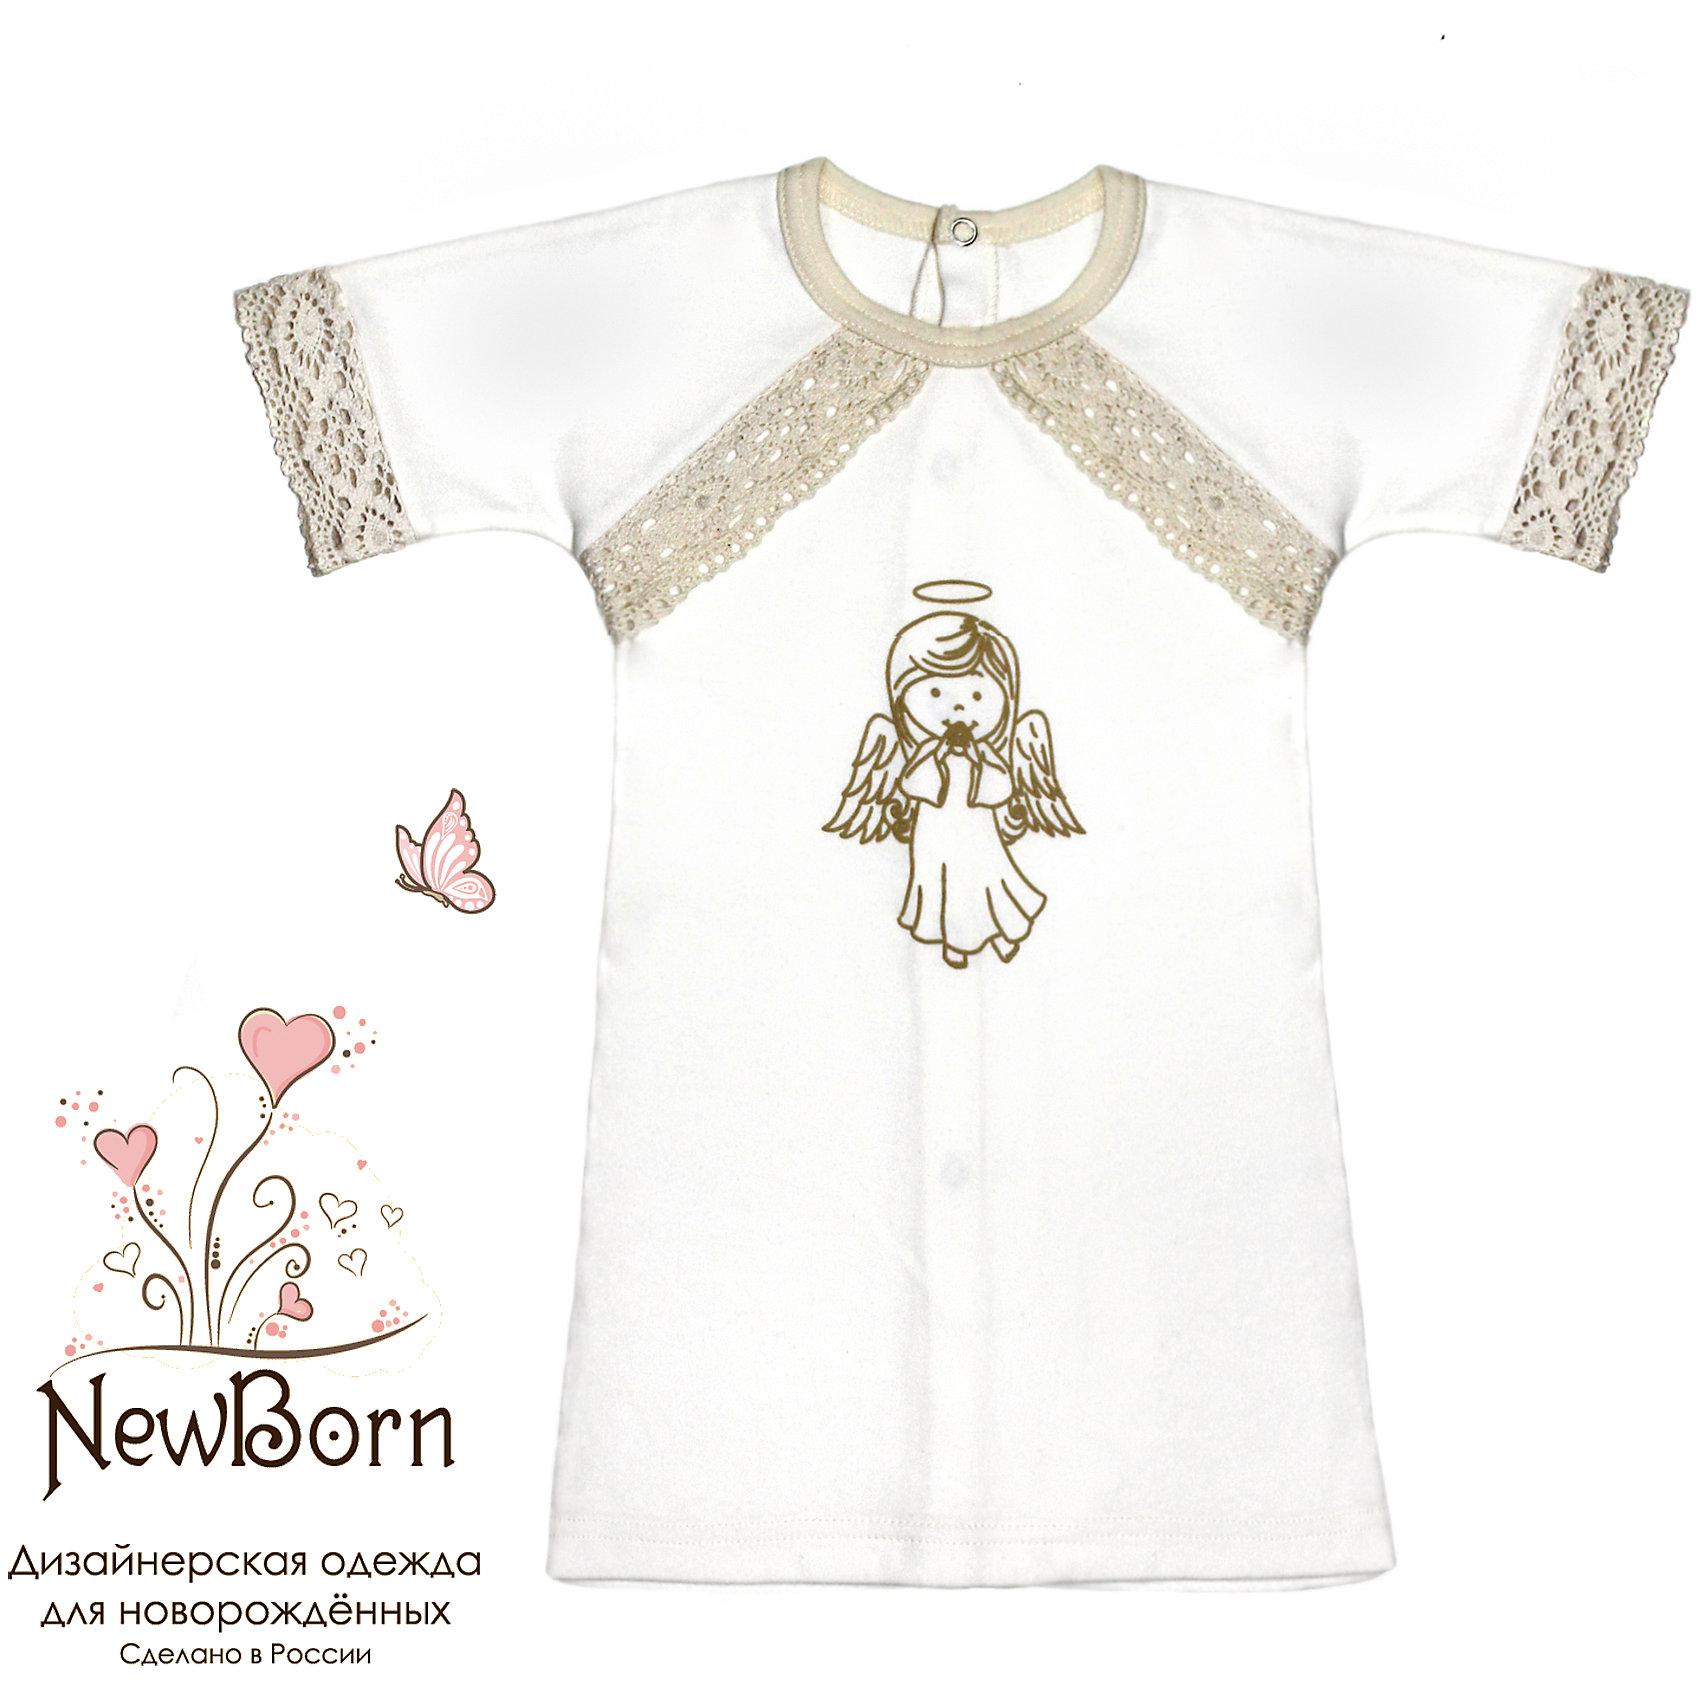 Крестильная рубашка с тесьмой, р-р 86, NewBorn, белыйНаборы одежды, конверты на выписку<br>Характеристики:<br><br>• Вид детской одежды: рубашка<br>• Предназначение: для крещения<br>• Коллекция: NewBorn<br>• Сезон: круглый год<br>• Пол: для мальчика<br>• Тематика рисунка: ангелы<br>• Размер: 86<br>• Цвет: белый, золотистый<br>• Материал: трикотаж, хлопок<br>• Длина рукава: короткие<br>• Застежка: сзади на кнопке<br>• Декорирована широкой тесьмой золотистого цвета<br>• Передняя полочка украшена термонаклейкой в виде ангела и тесьмой<br>• Особенности ухода: допускается деликатная стирка без использования красящих и отбеливающих средств<br><br>Крестильная рубашка с тесьмой, р-р 86, NewBorn, белый из коллекции NewBorn от отечественного швейного производства ТексПром предназначено для создания праздничного образа мальчика во время торжественного обряда крещения. Рубашка представлена в коллекции NewBorn, которая сочетает в себе классические и современные тенденции в мире моды для новорожденных, при этом при технологии изготовления детской одежды сохраняются самые лучшие традиции: свободный крой, внешние швы и натуральные ткани. Рубашка с короткими рукавами и круглой горловиной, обработанной бейкой из трикотажа золотистого цвета. Застежка на кнопках предусмотрена на спинке, что обеспечивает ее легкое одевание. Праздничный образ создается за счет отделки рукавов, и передней полочки широким кружевом золотистого цвета и термонаклейки в виде ангела. <br><br>Крестильную рубашку с тесьмой, р-р 86, NewBorn, белый можно купить в нашем интернет-магазине.<br><br>Ширина мм: 220<br>Глубина мм: 5<br>Высота мм: 400<br>Вес г: 200<br>Возраст от месяцев: 12<br>Возраст до месяцев: 18<br>Пол: Унисекс<br>Возраст: Детский<br>SKU: 4912514